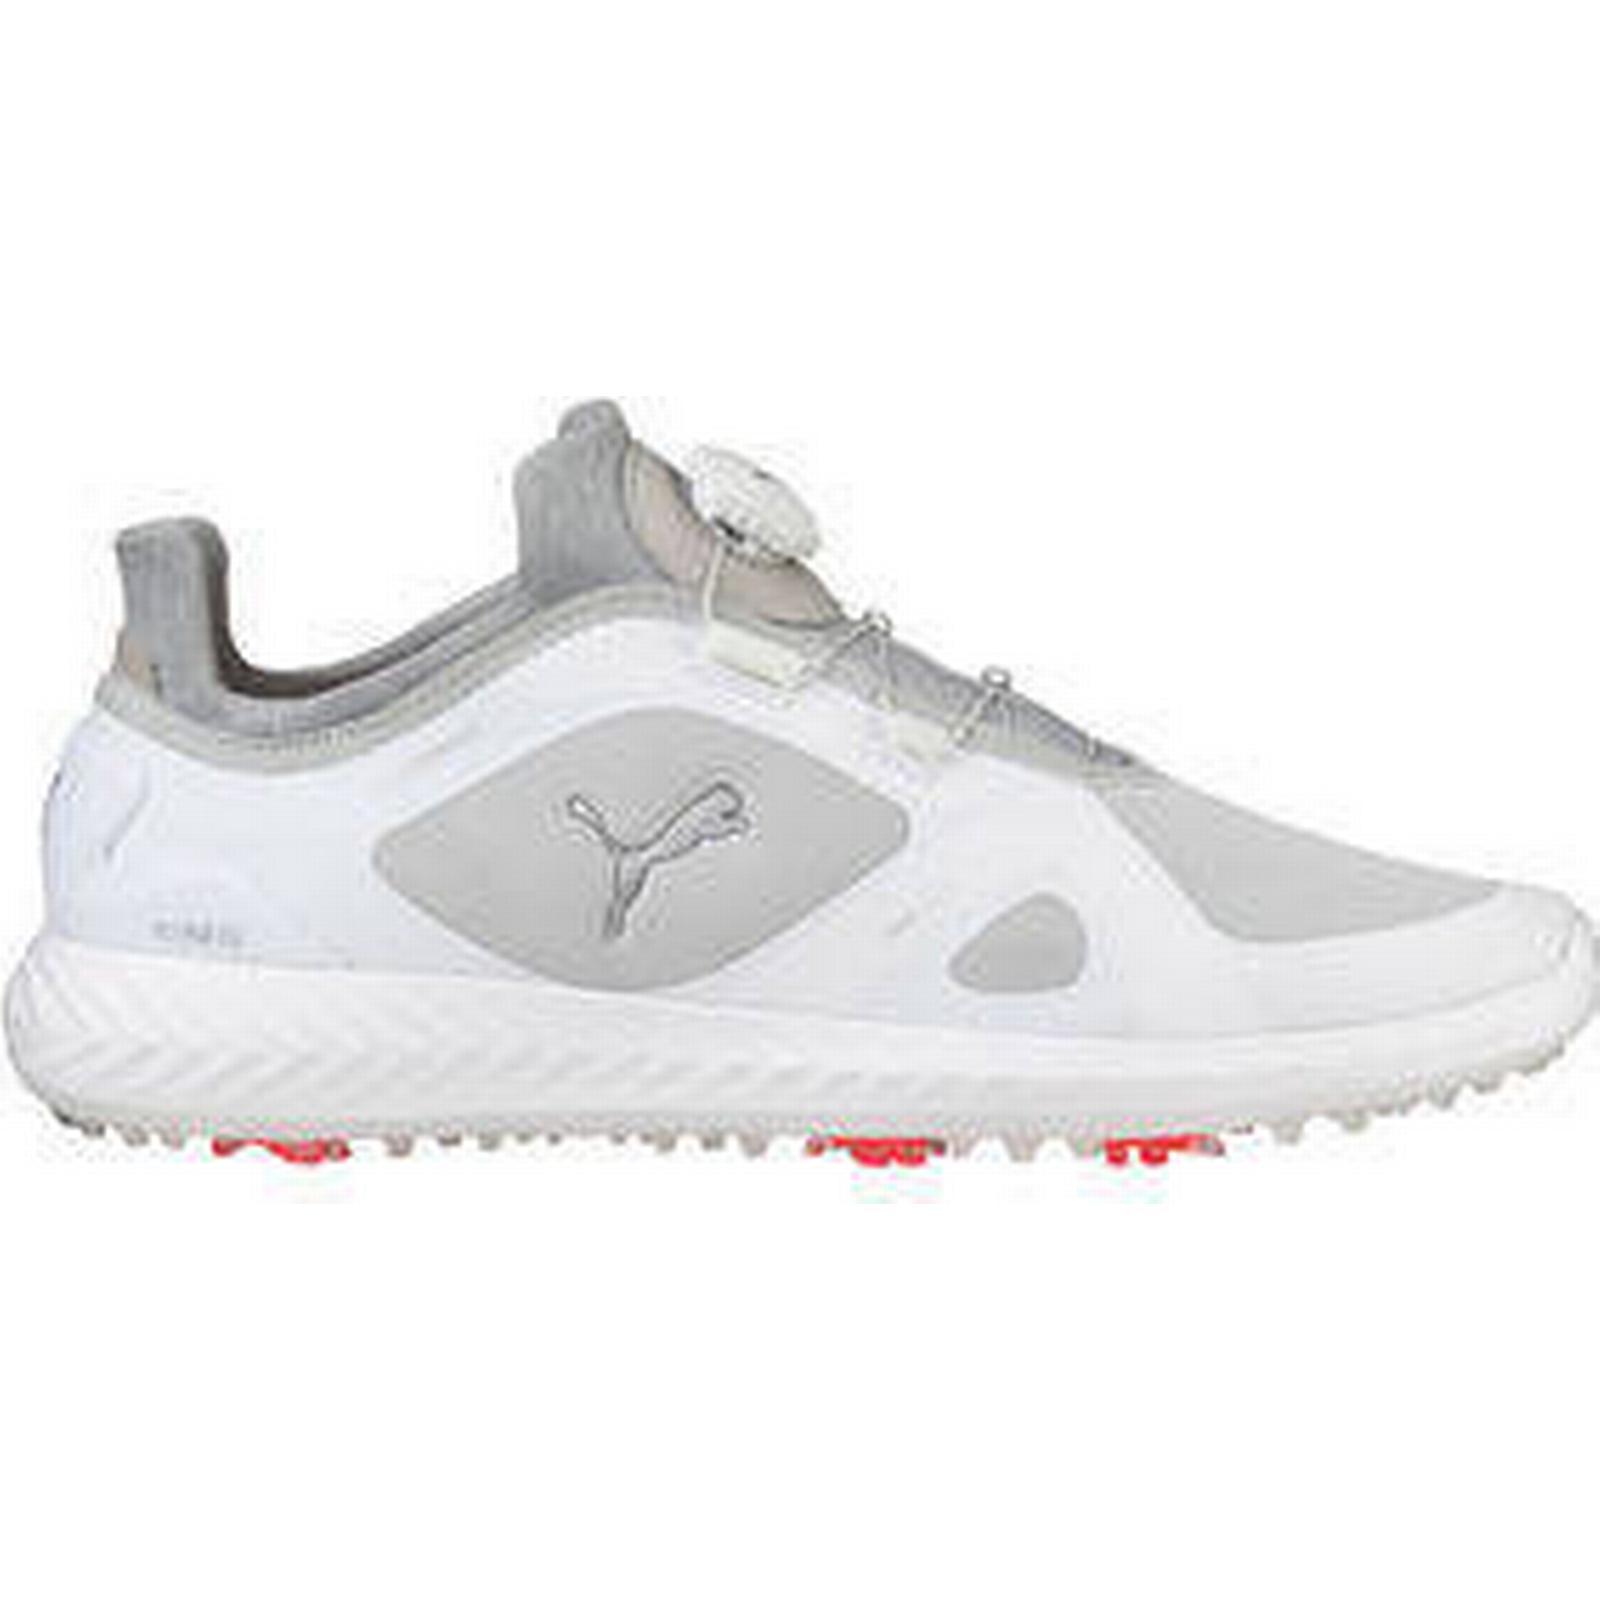 les chaussures de de de golf pwradapt disque pumagolf puma s'enflamme c66055